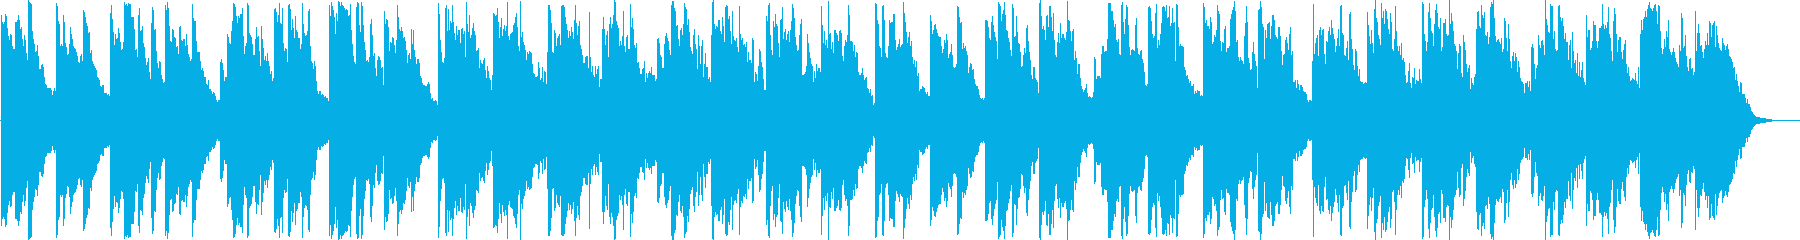 優しいシンセサイザーサウンドの再生済みの波形